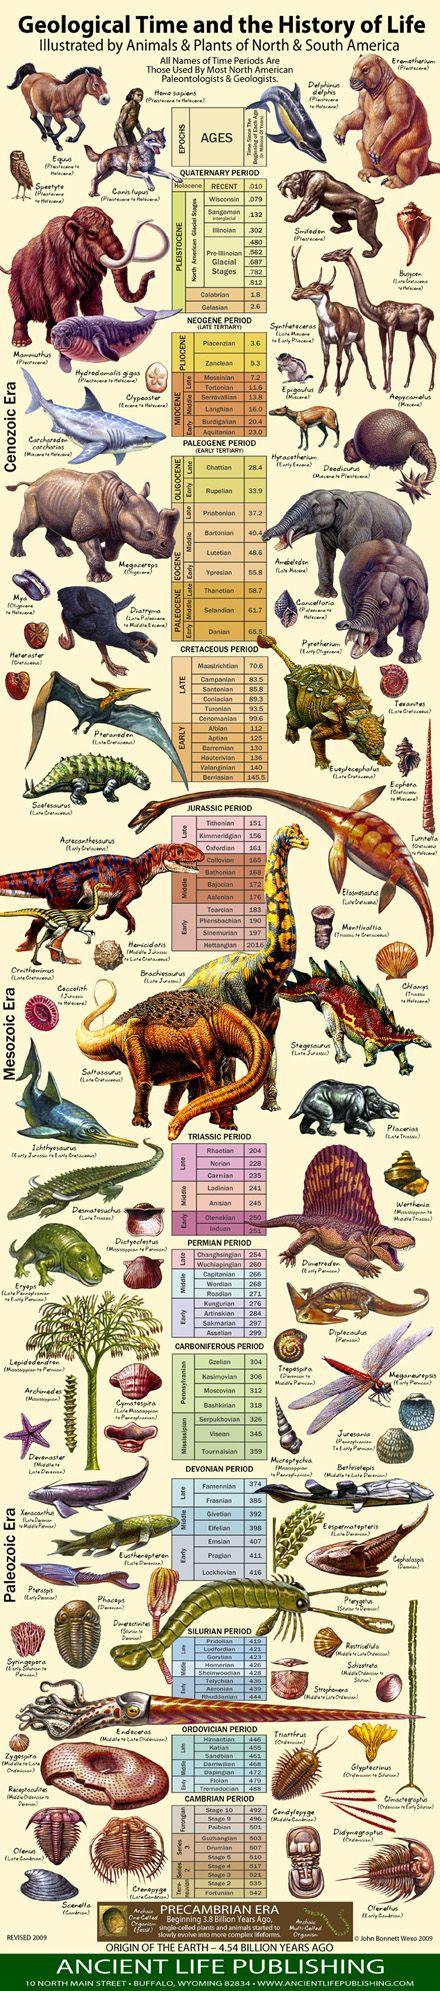 history of life chart_2010_50dpi1